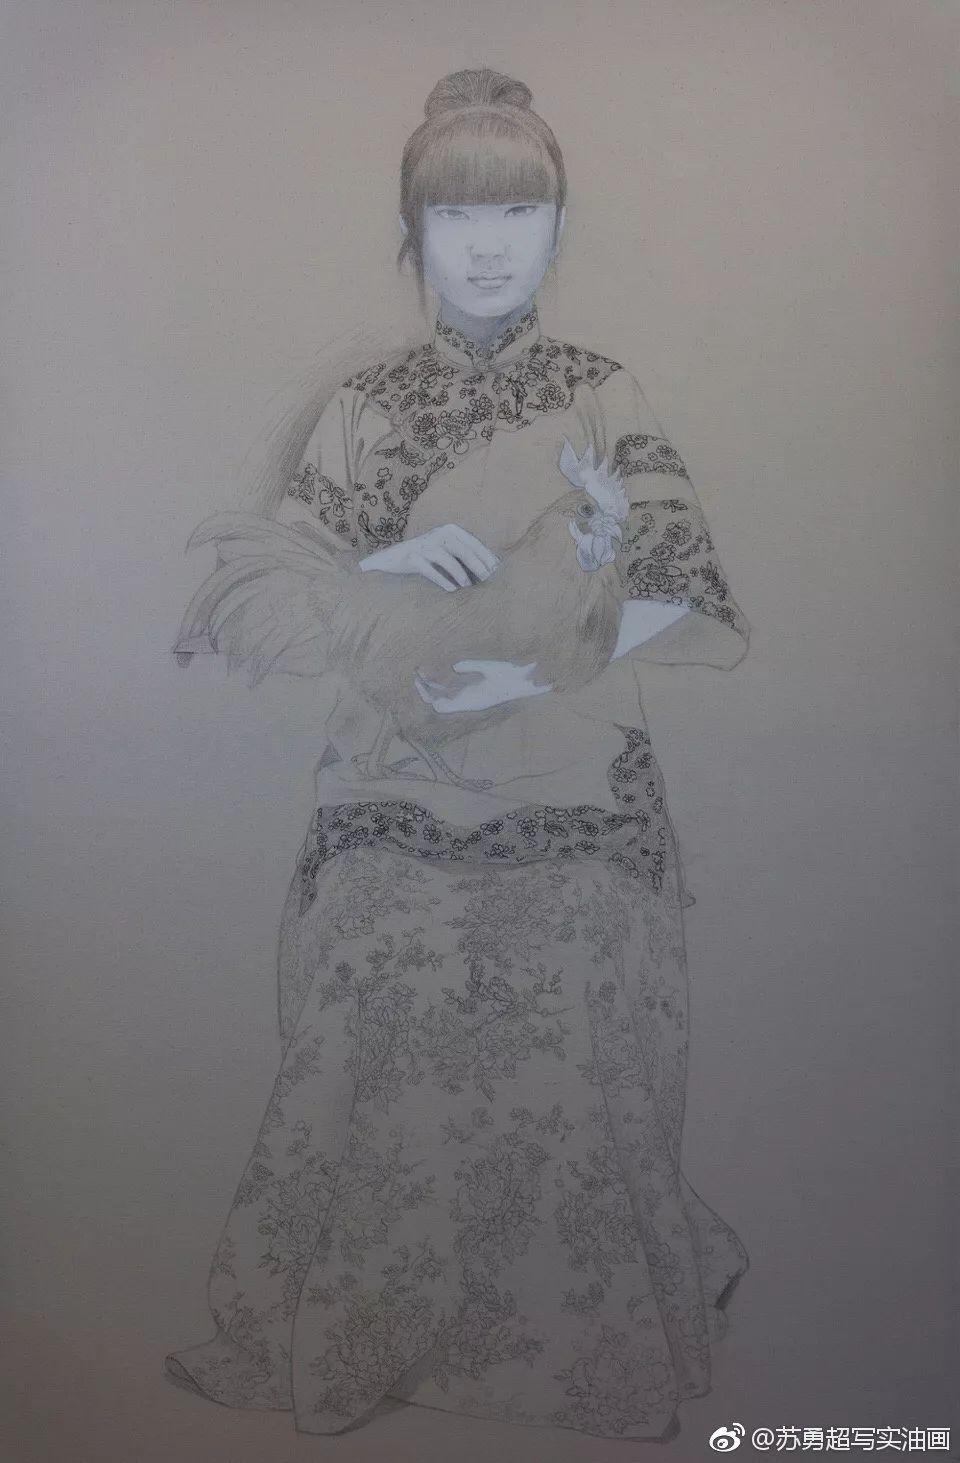 他一幅画,180天,1200颗珠子,每一颗都独一无二,让人心生敬畏!插图35